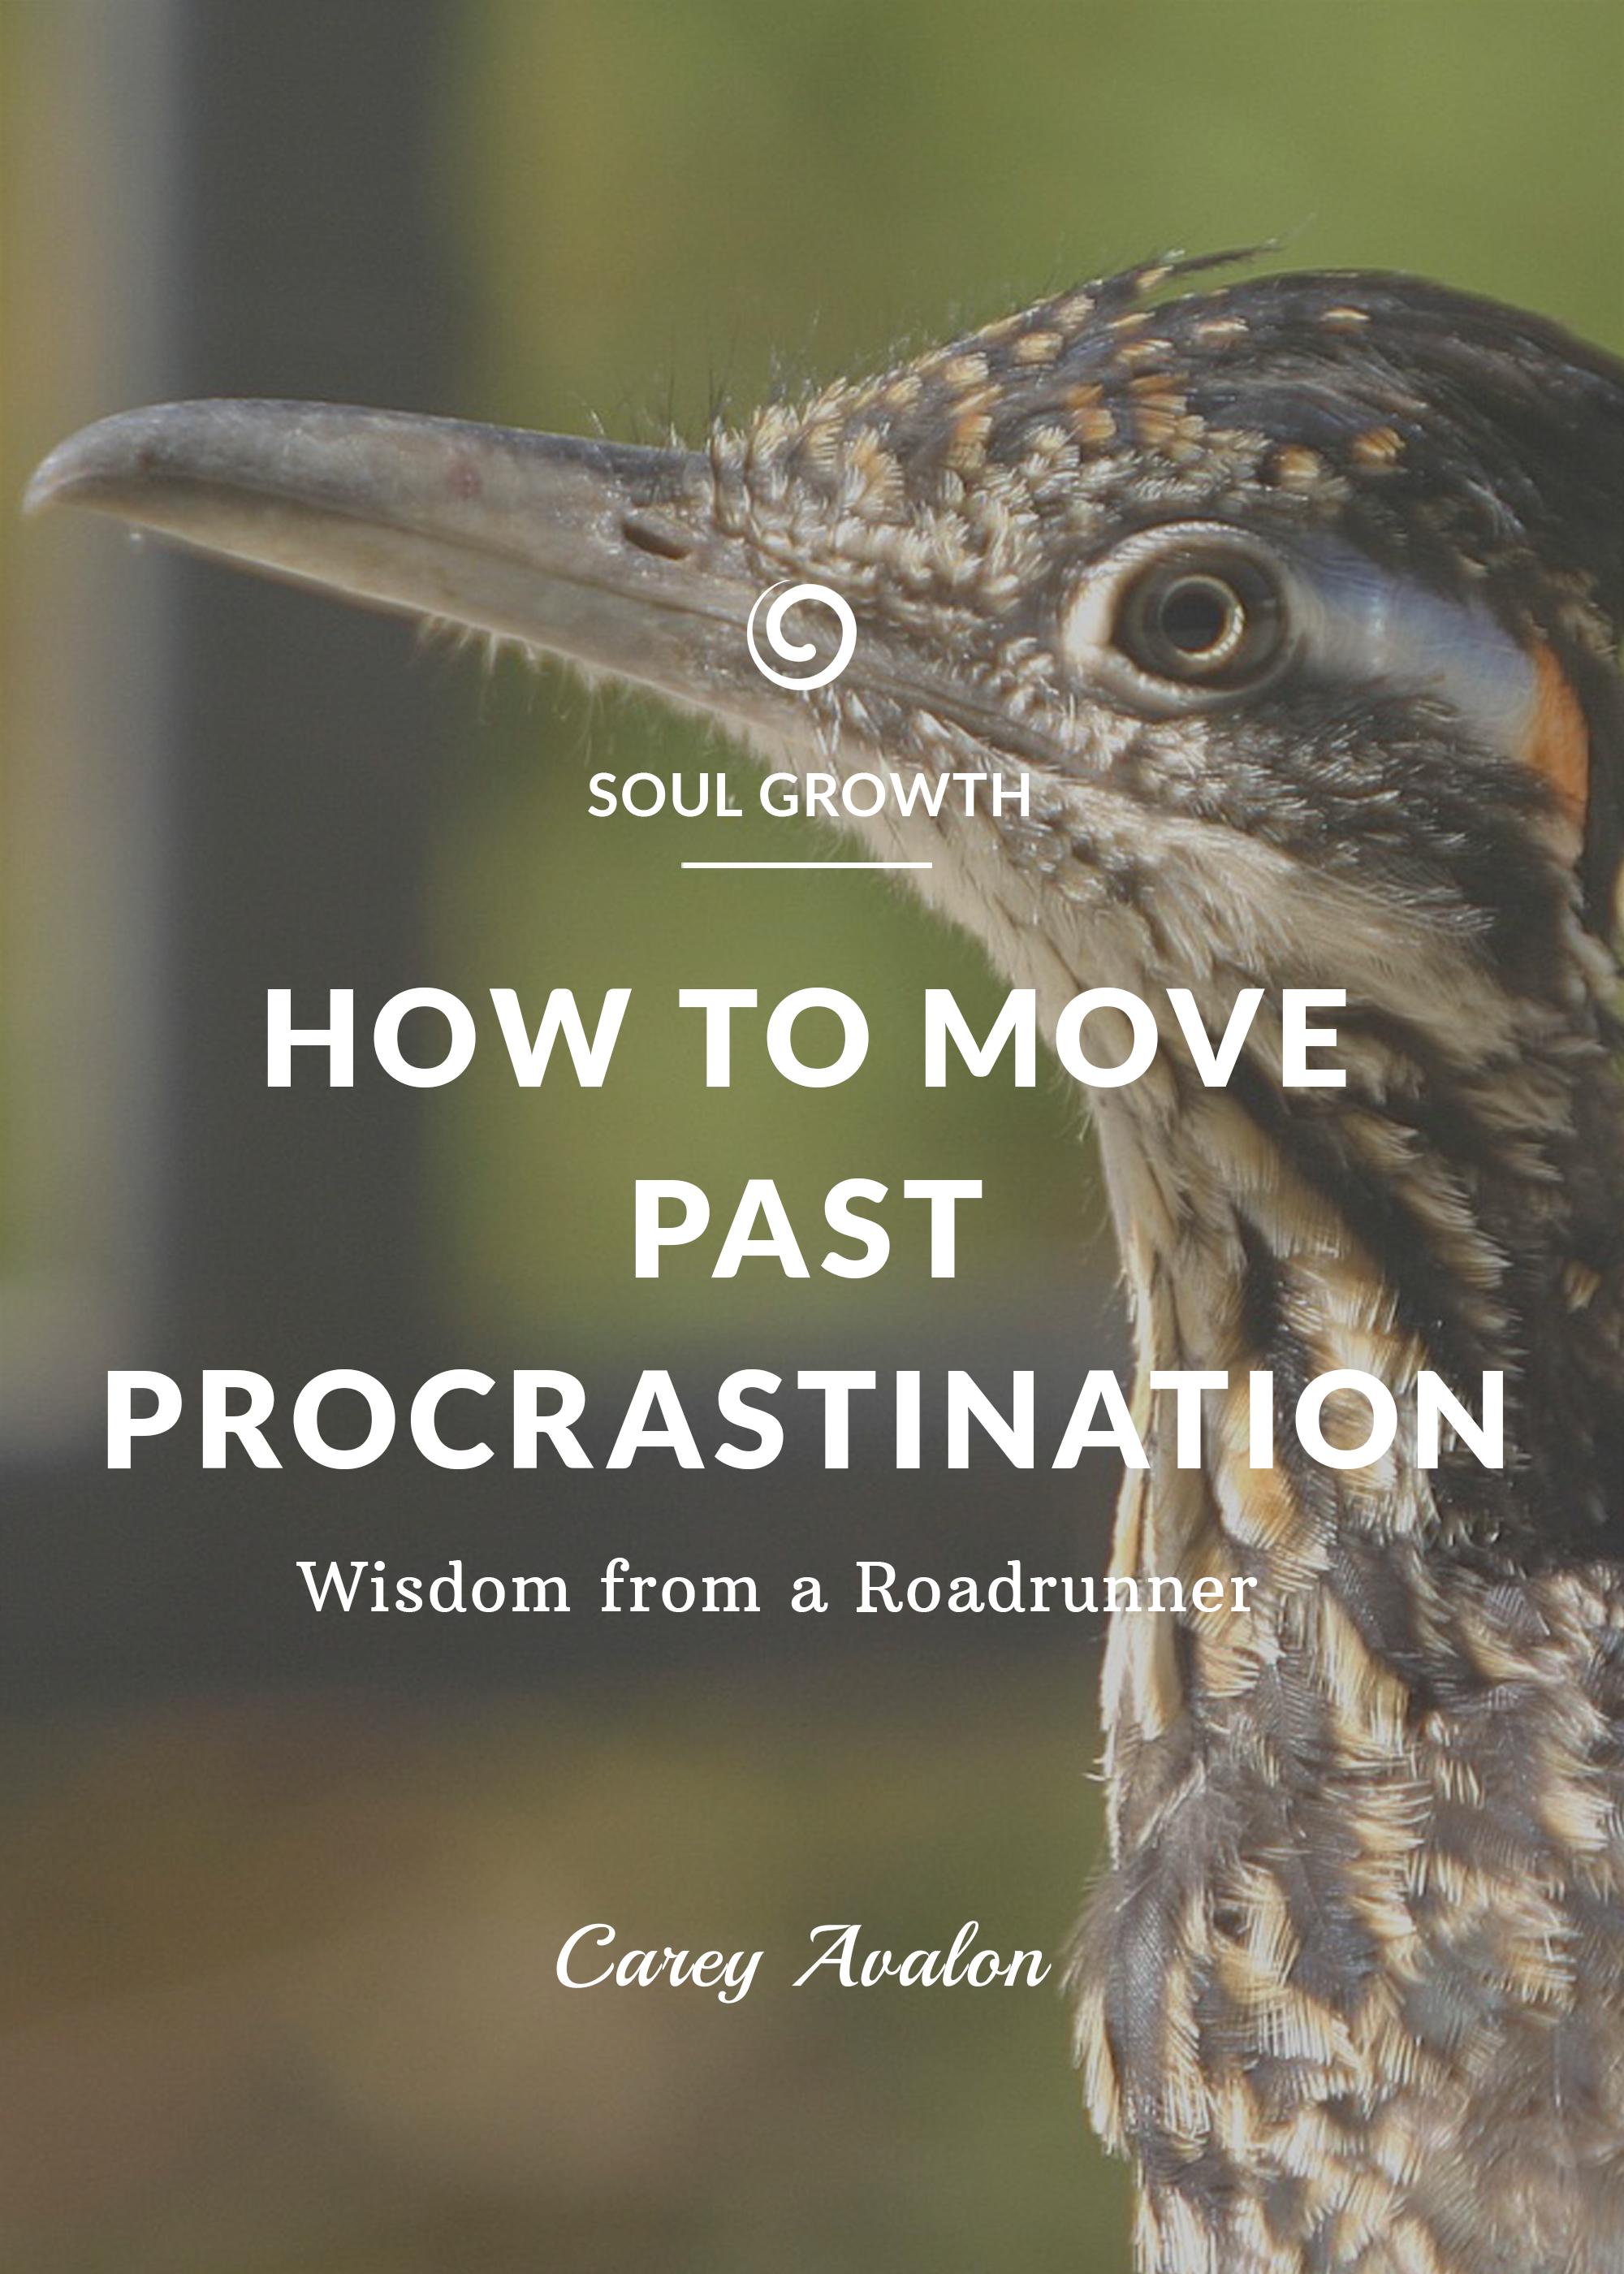 How to Move Past Procrastination